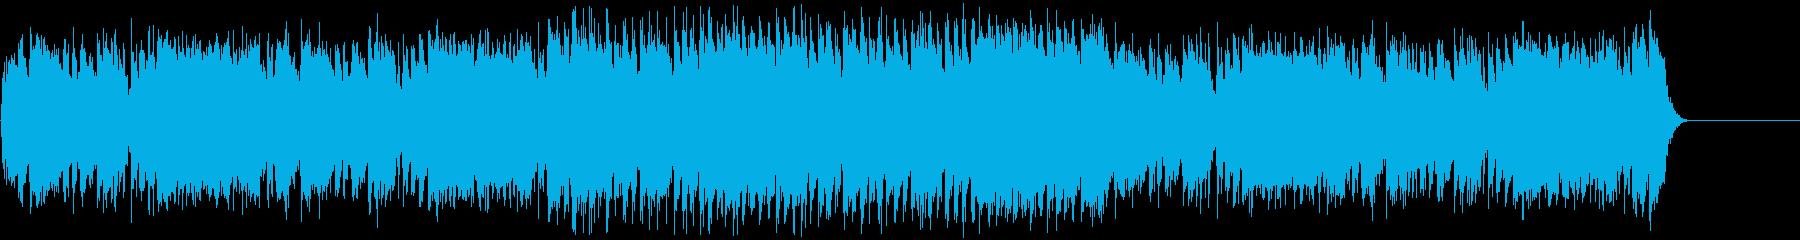 CM・エキサイティングな夏の海・レゲエの再生済みの波形